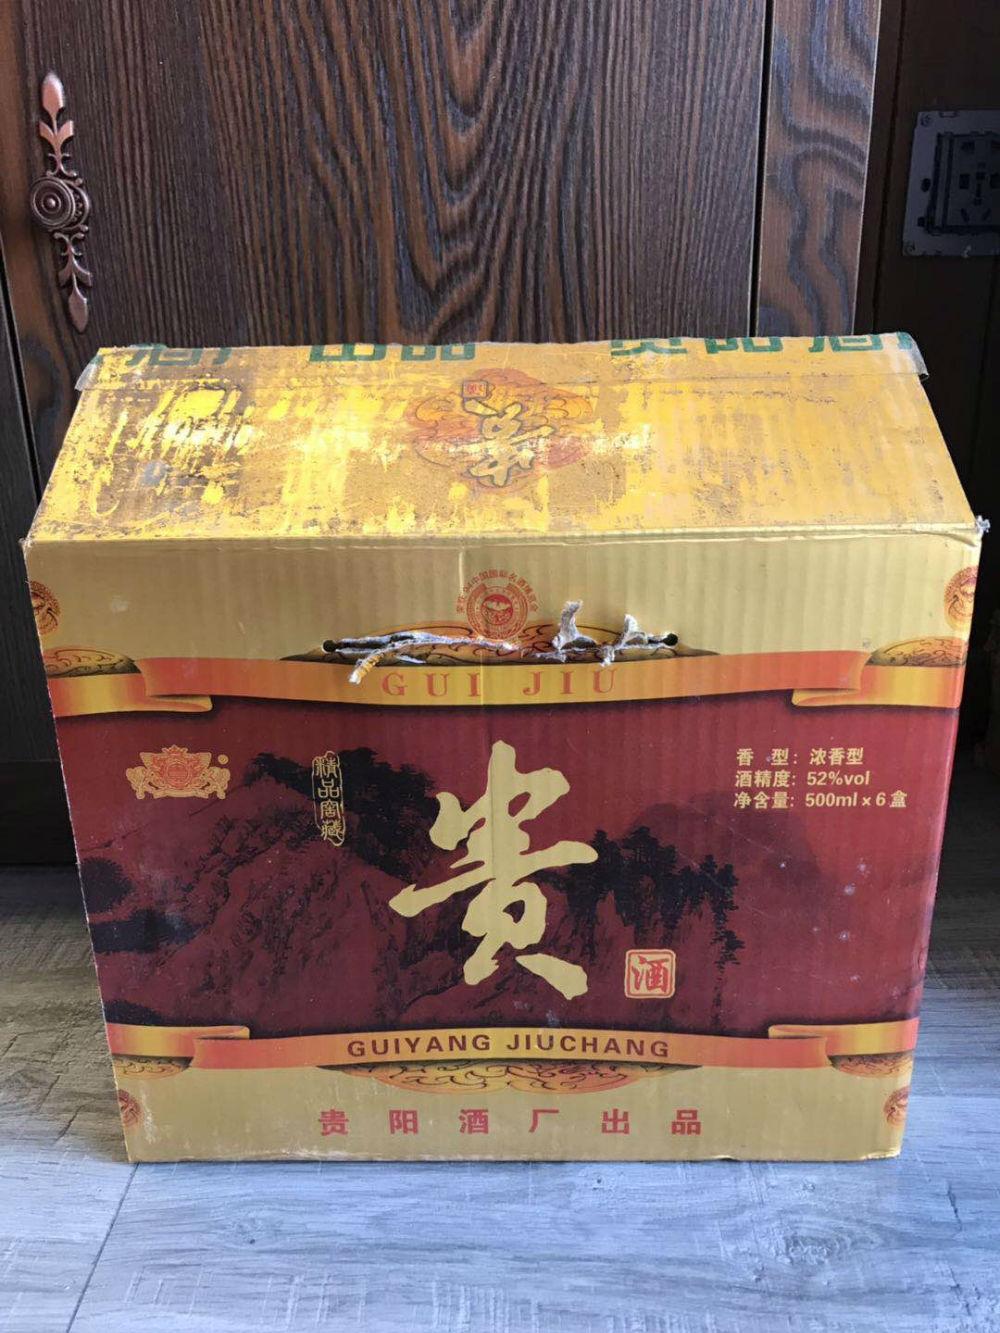 贵阳酒厂出品,10年贵酒精品窖藏